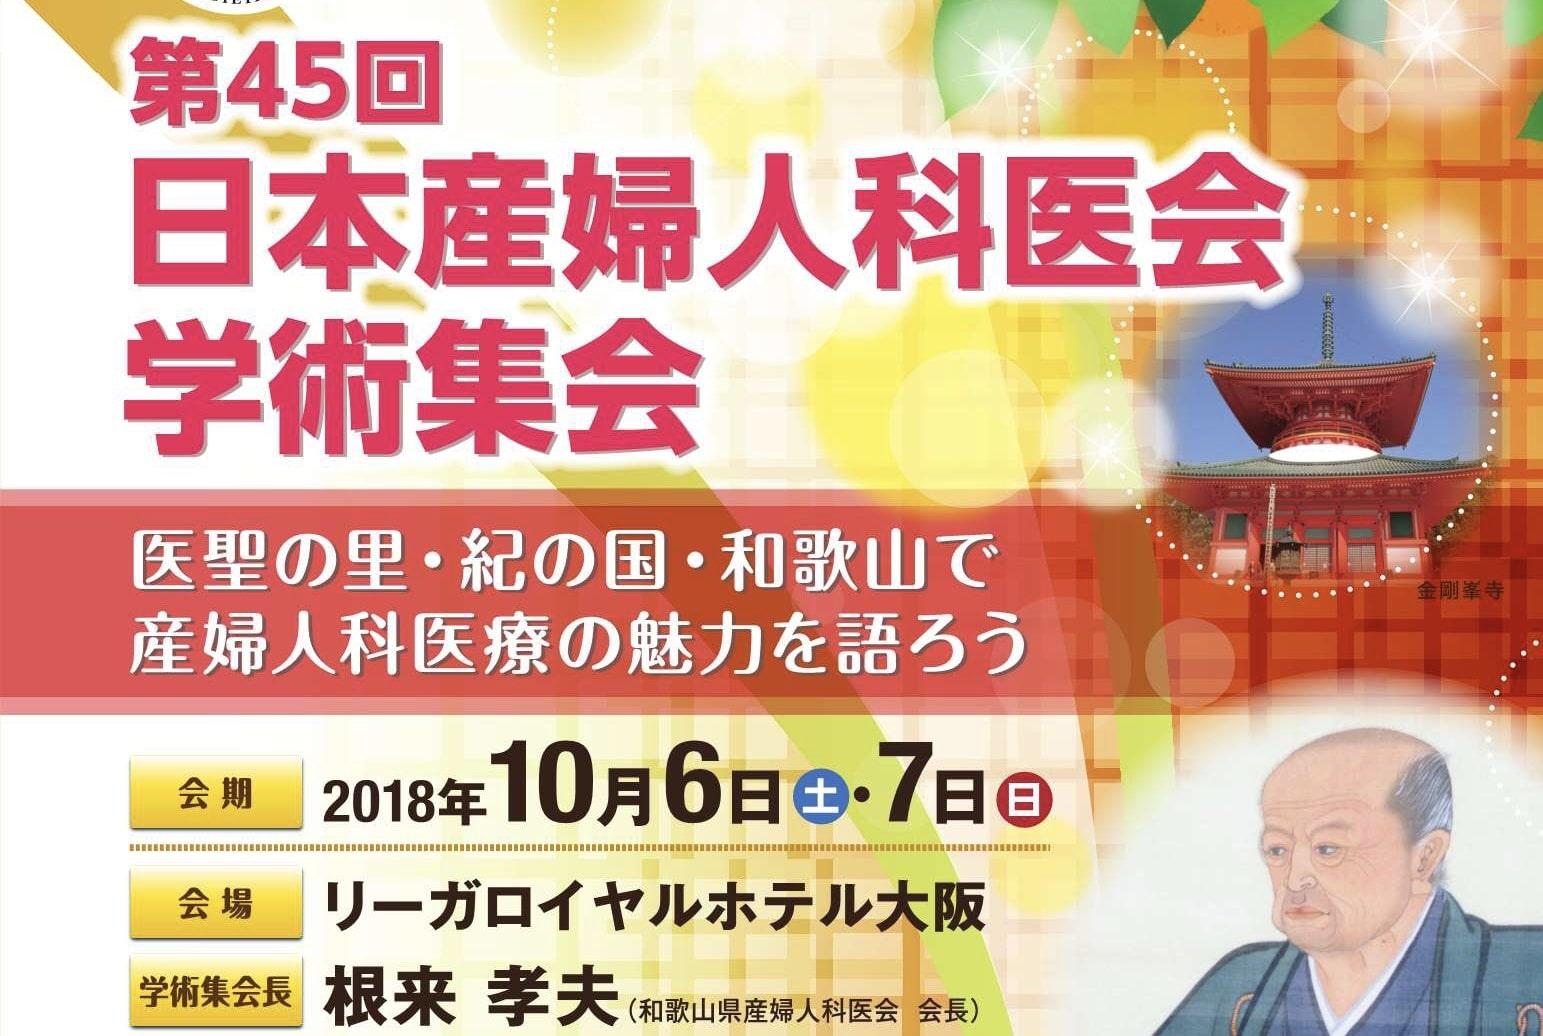 第45回日本産婦人科医会学術集会に出展します   メロディ ...